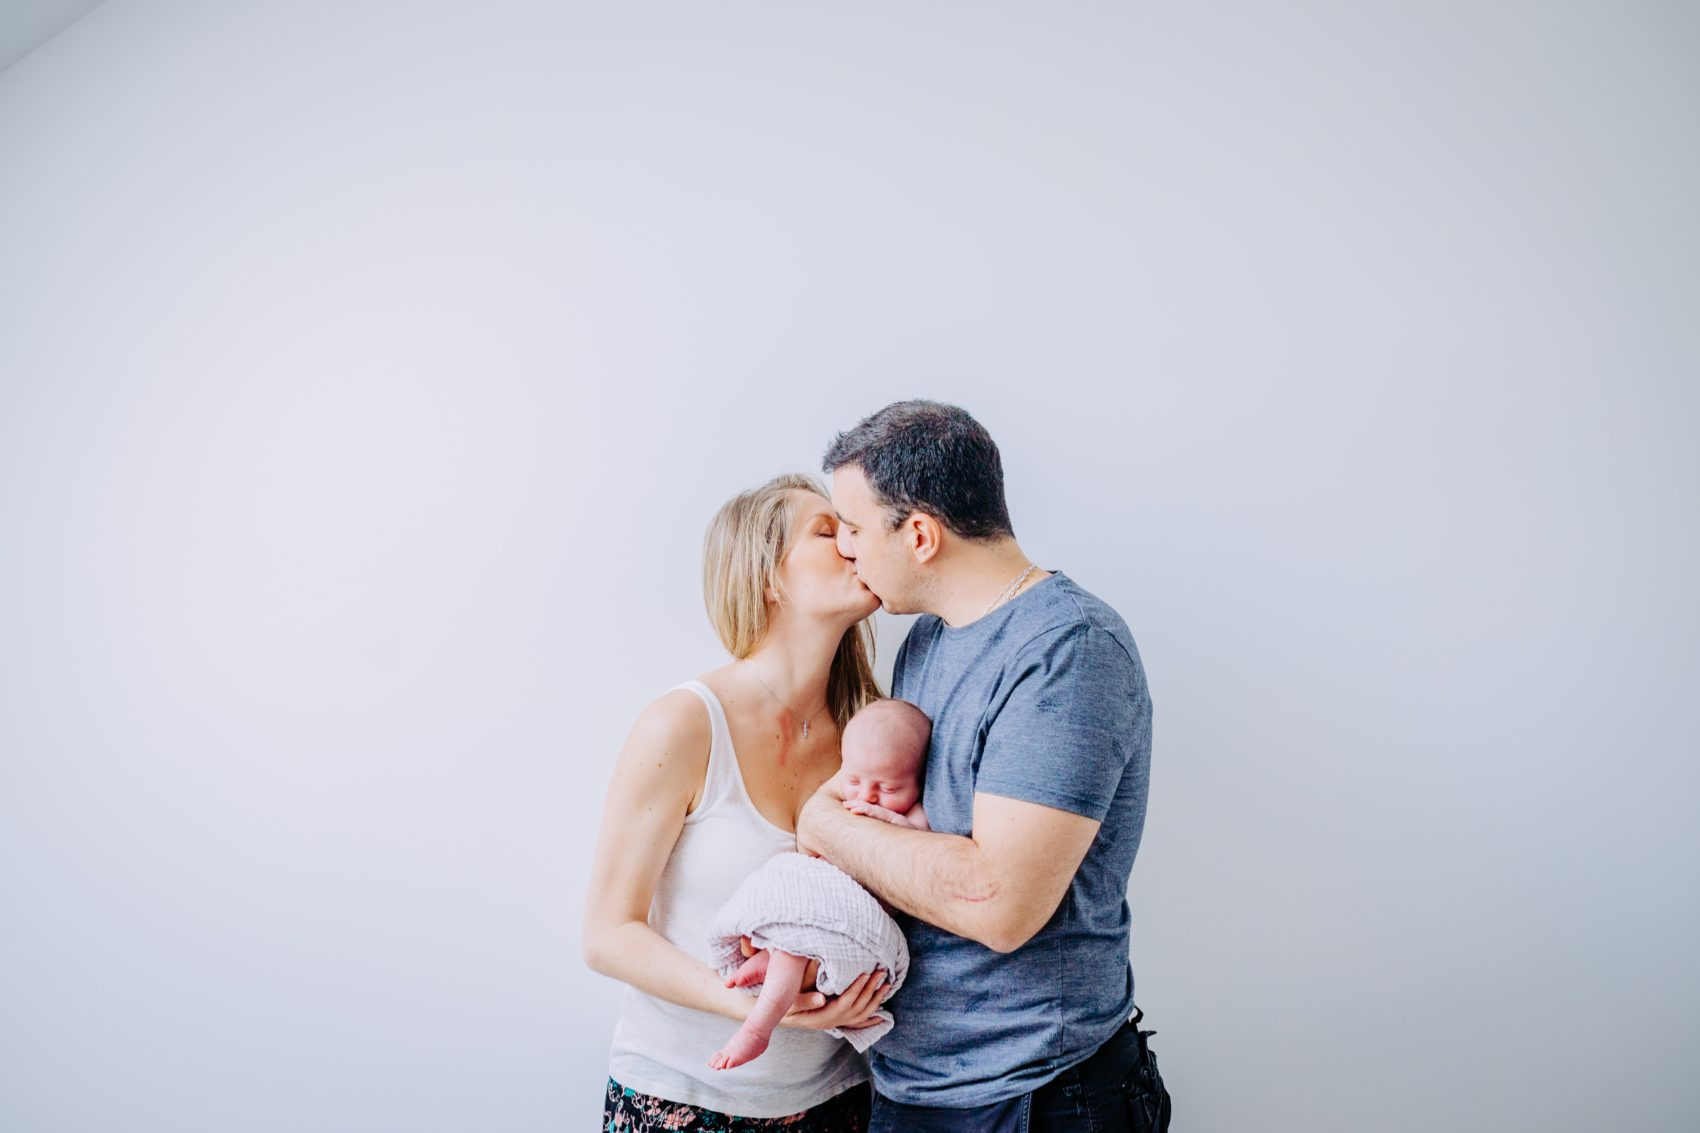 photographe nouveaux nés grossesses mondonville aussonne